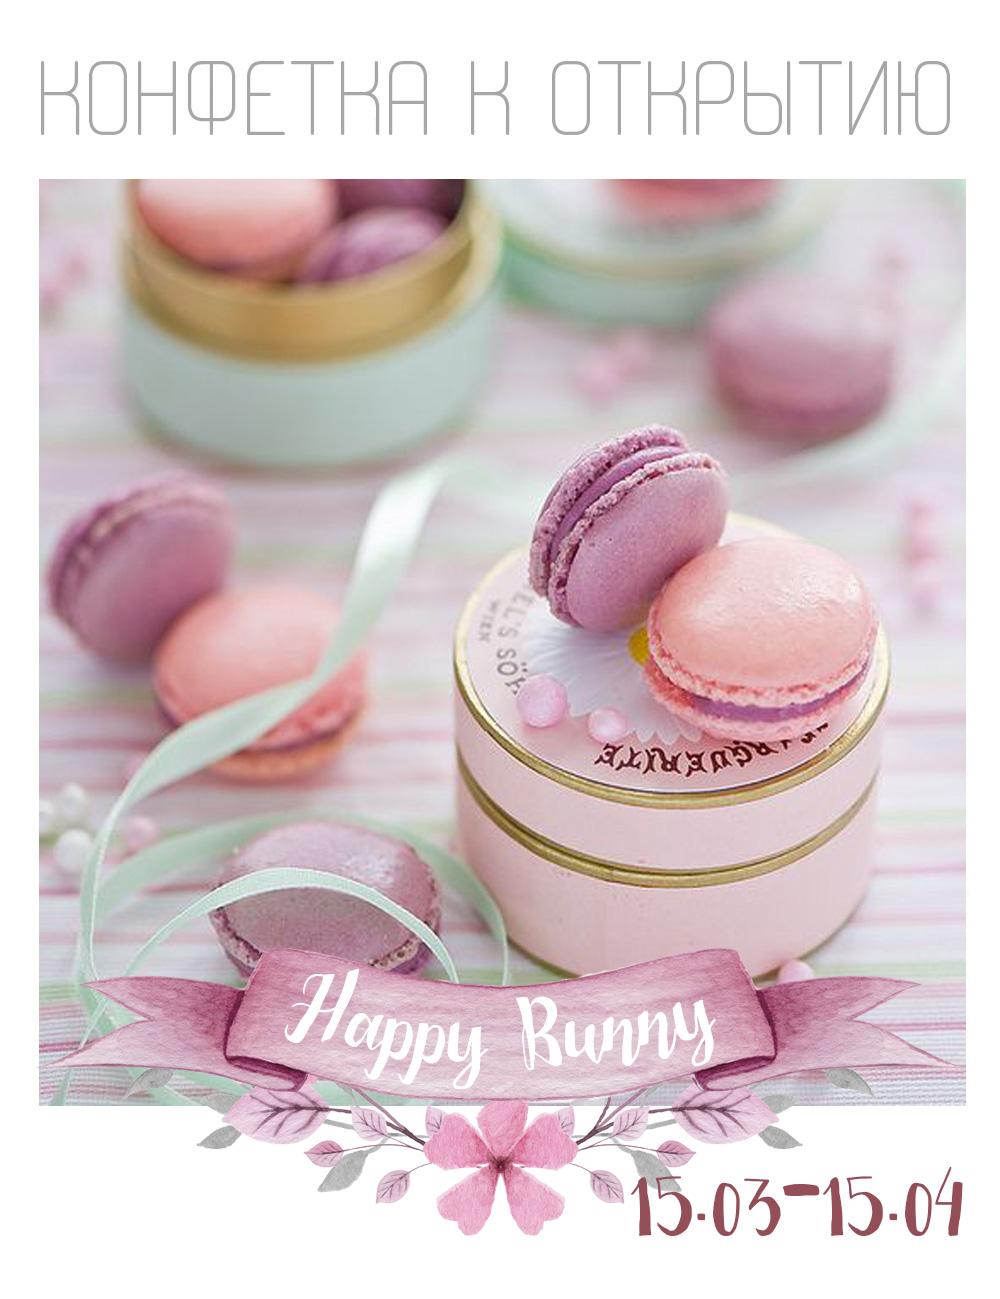 Конфетка от нового блога Happy Bunny